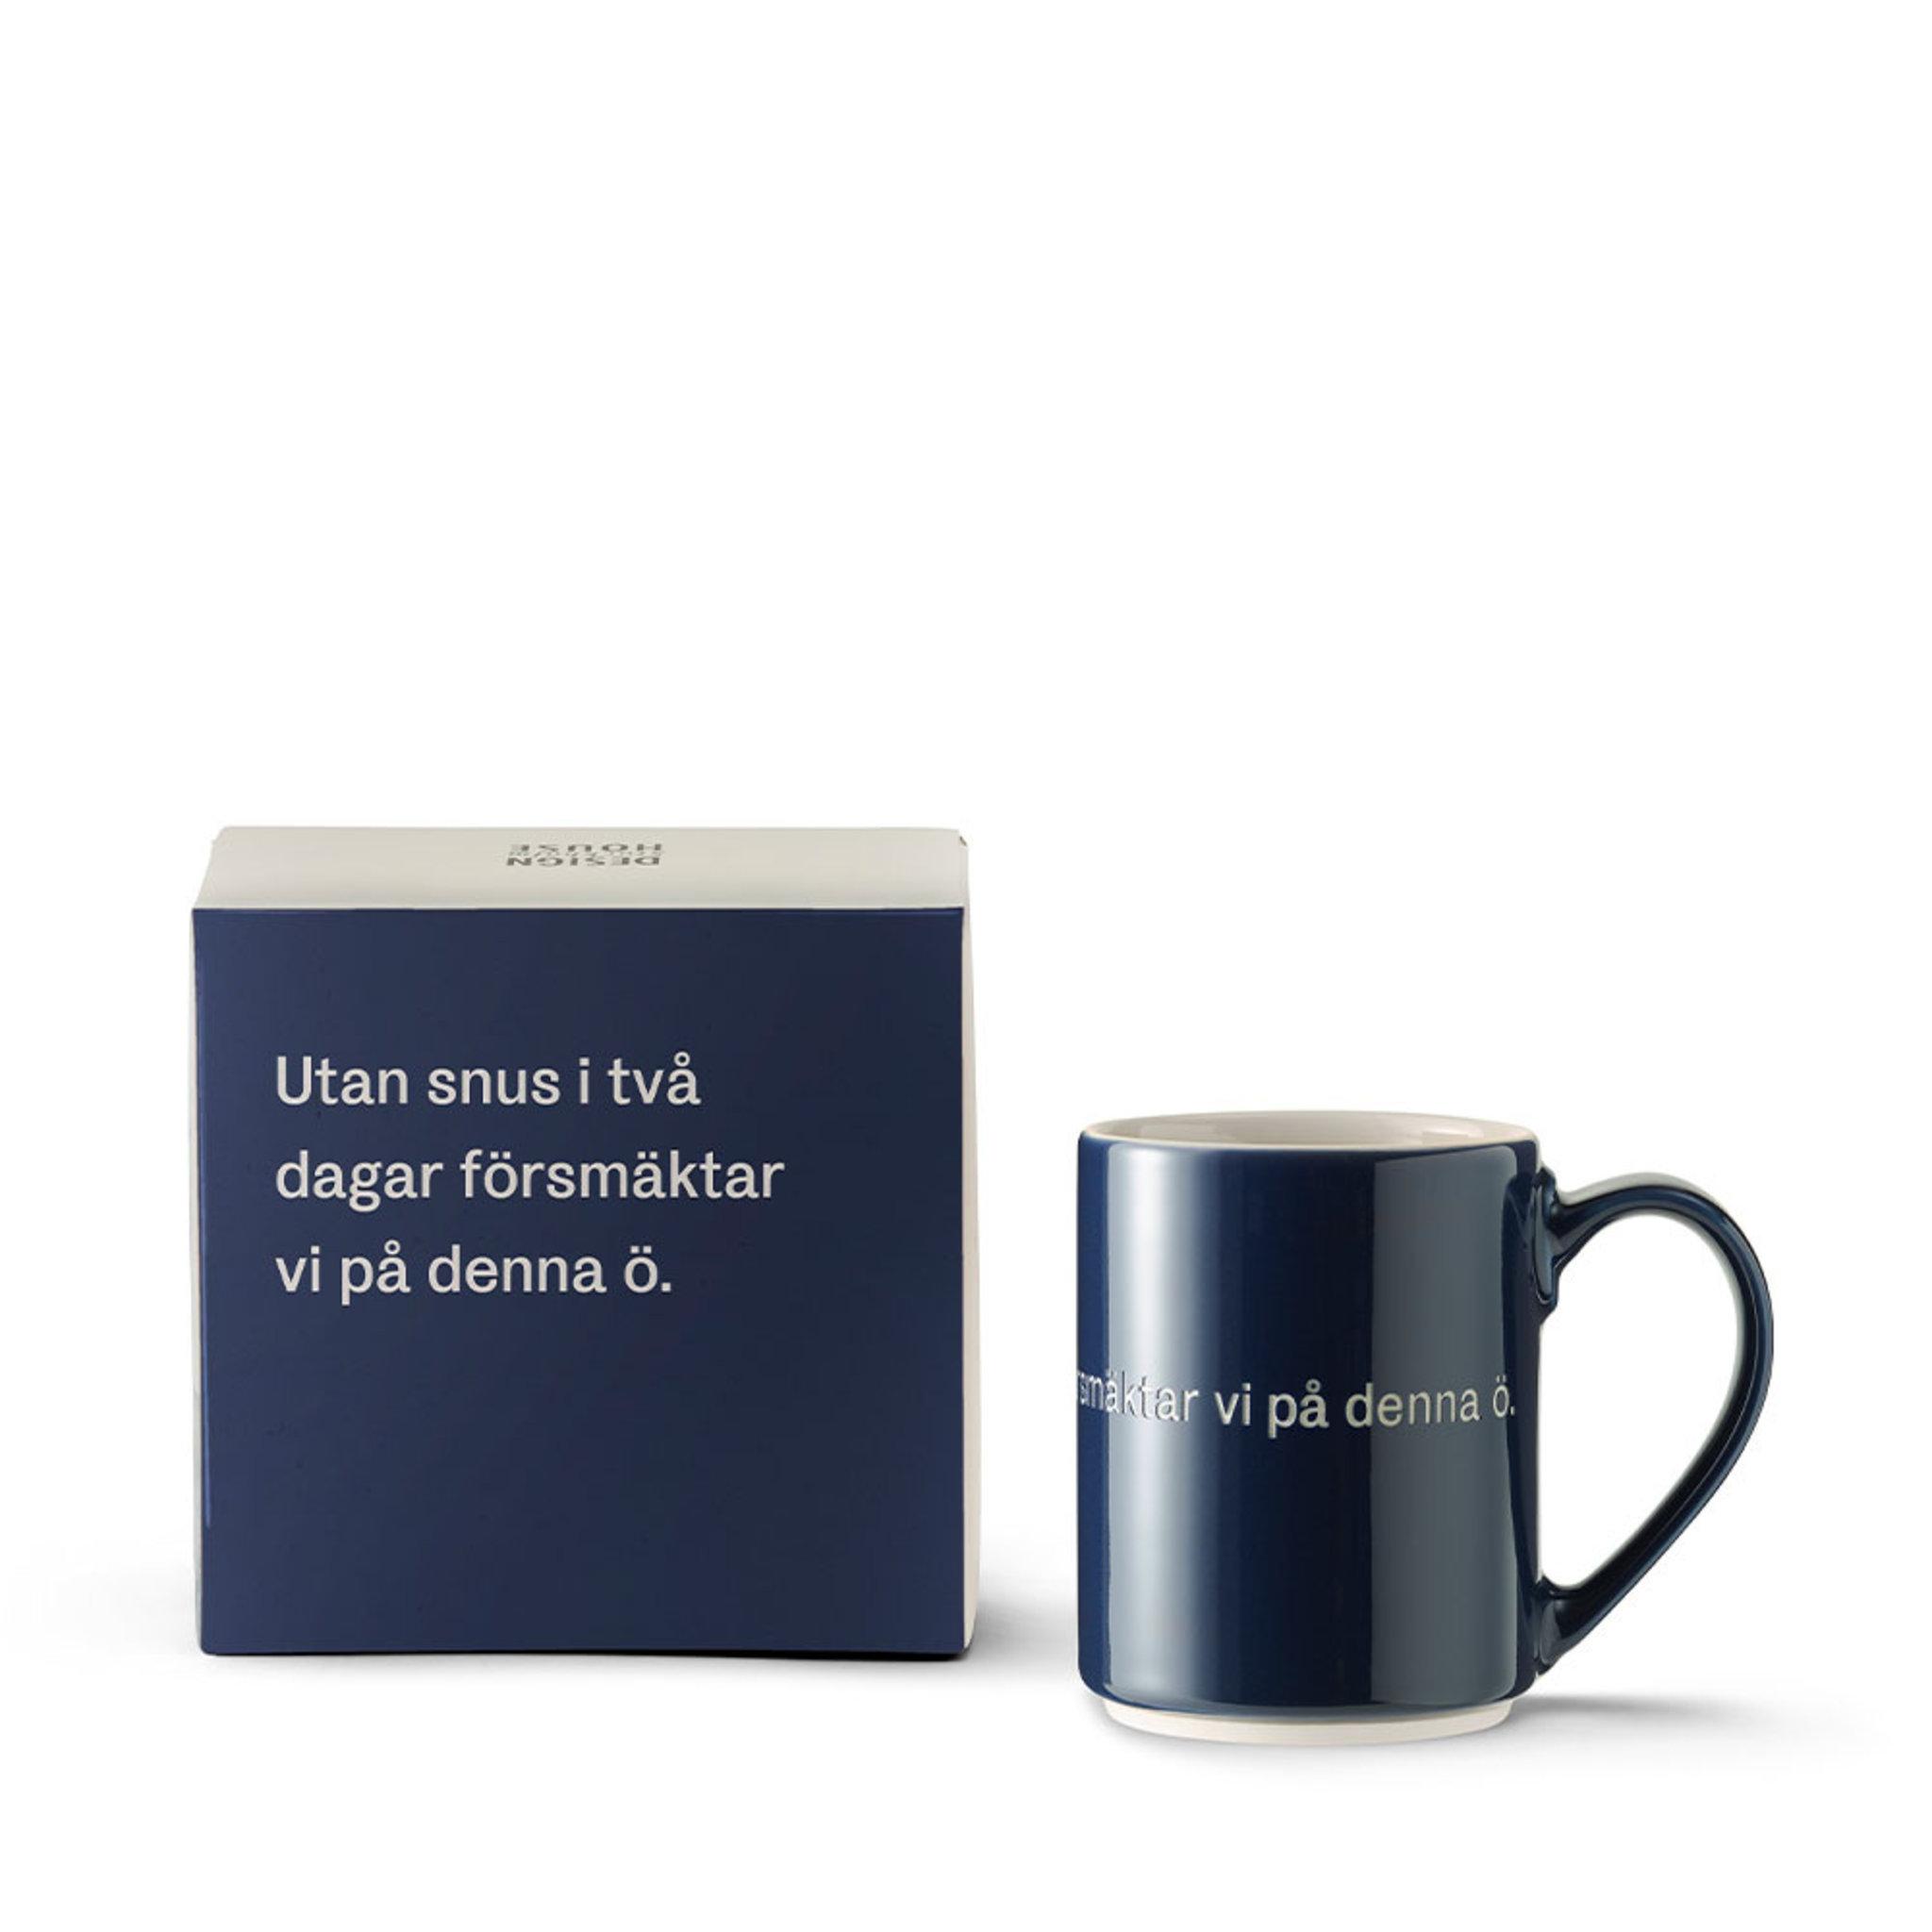 Mugg Utan snus x Astrid Lindgren